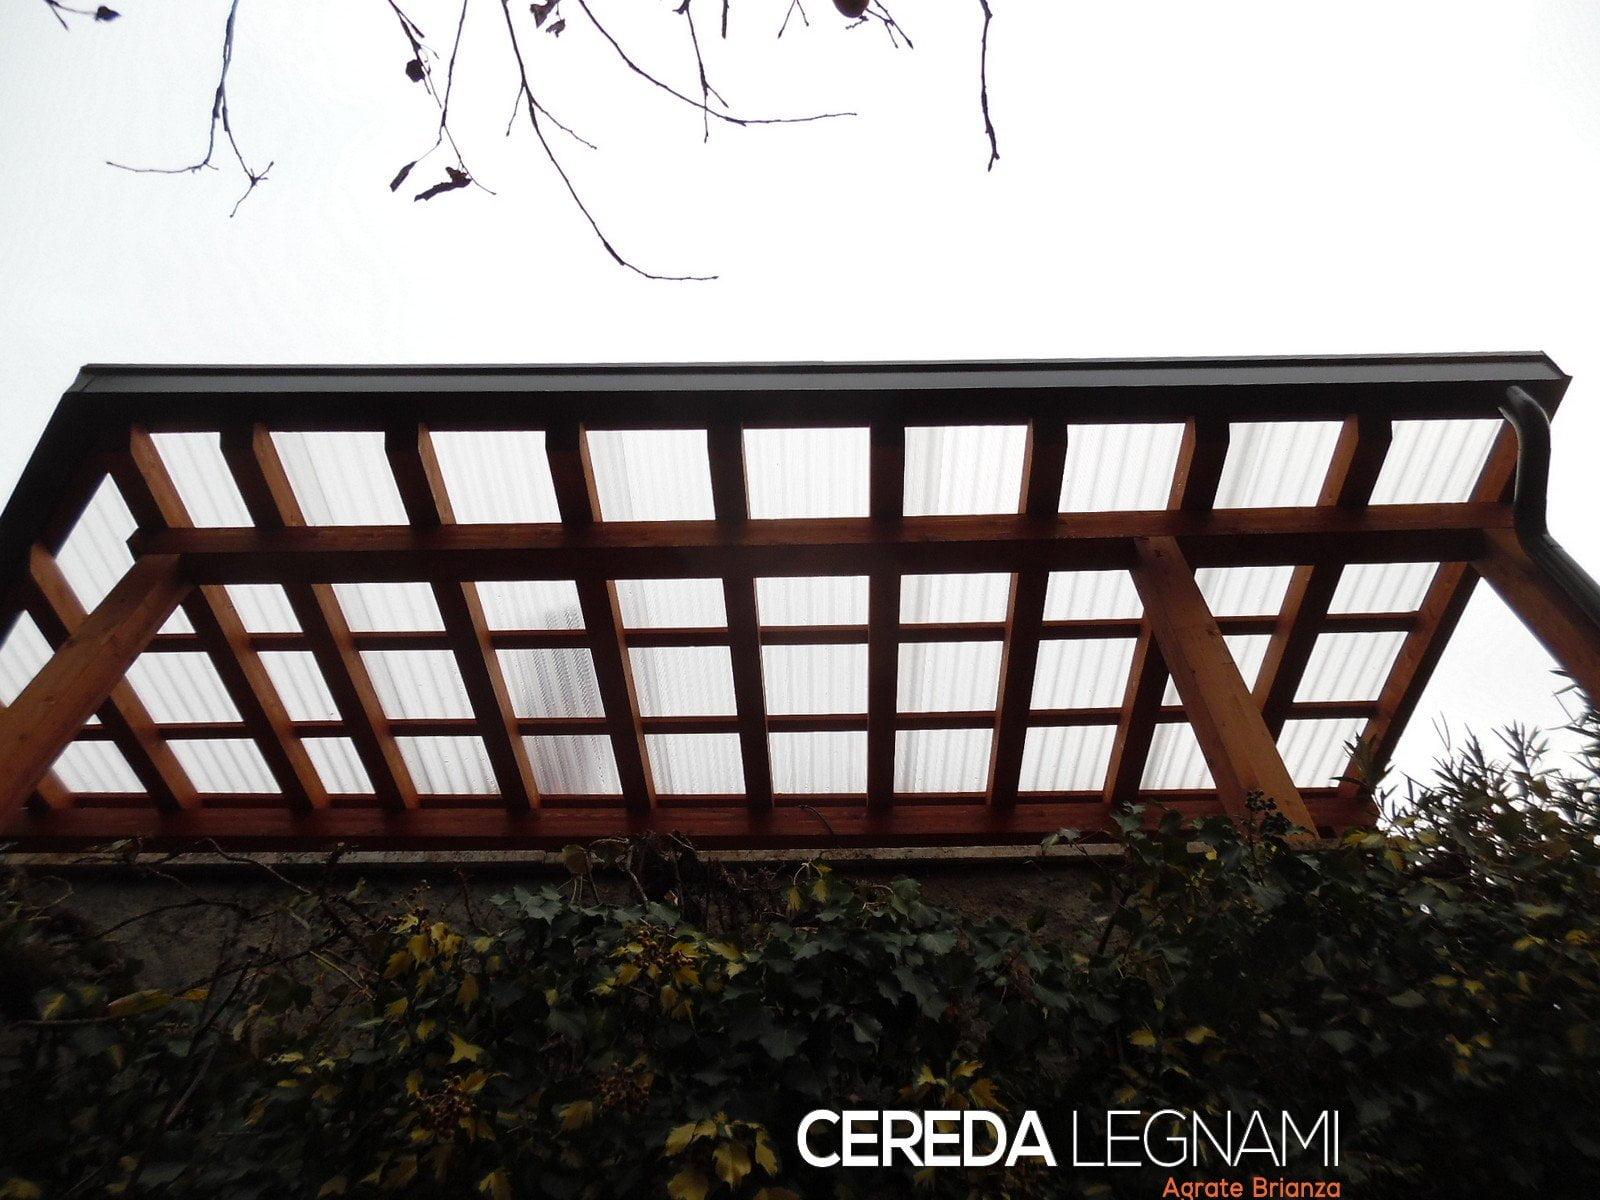 Tettoia legno lamellare cereda legnami agrate brianza for Cereda legnami